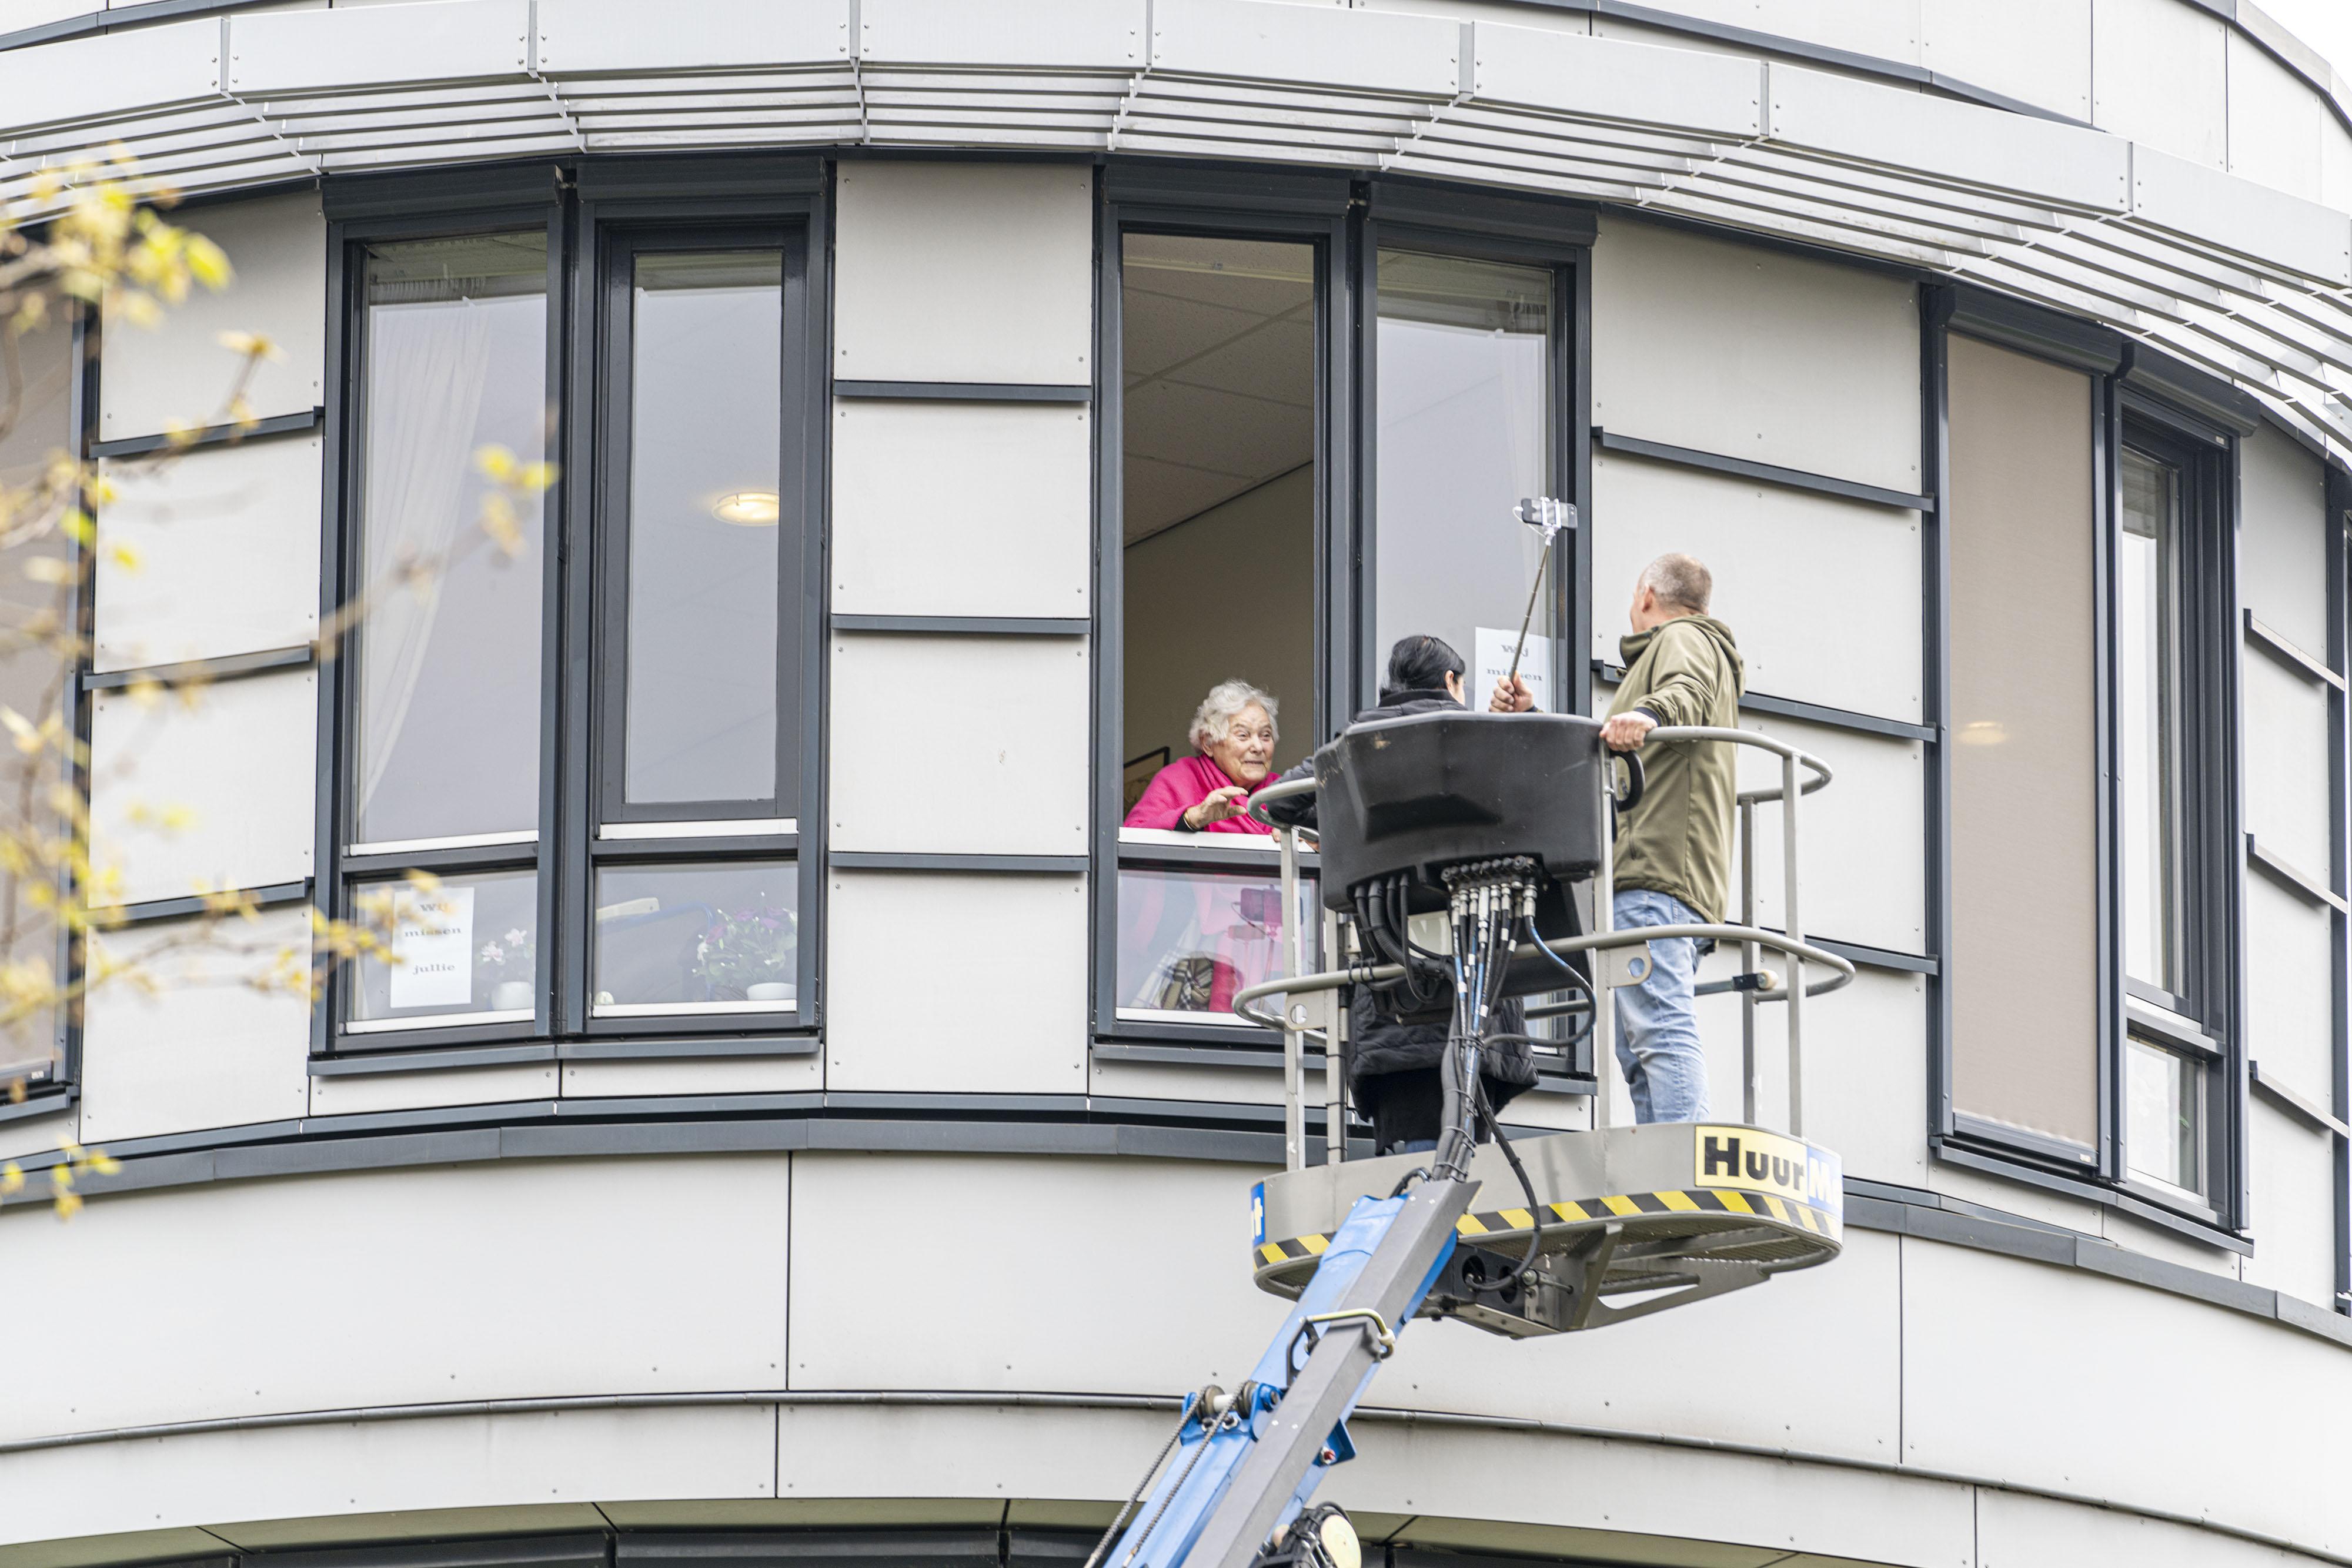 Vragenlijst van onderzoekers LUMC: Vijfde van verpleeghuispersoneel had burn-out na eerste coronagolf